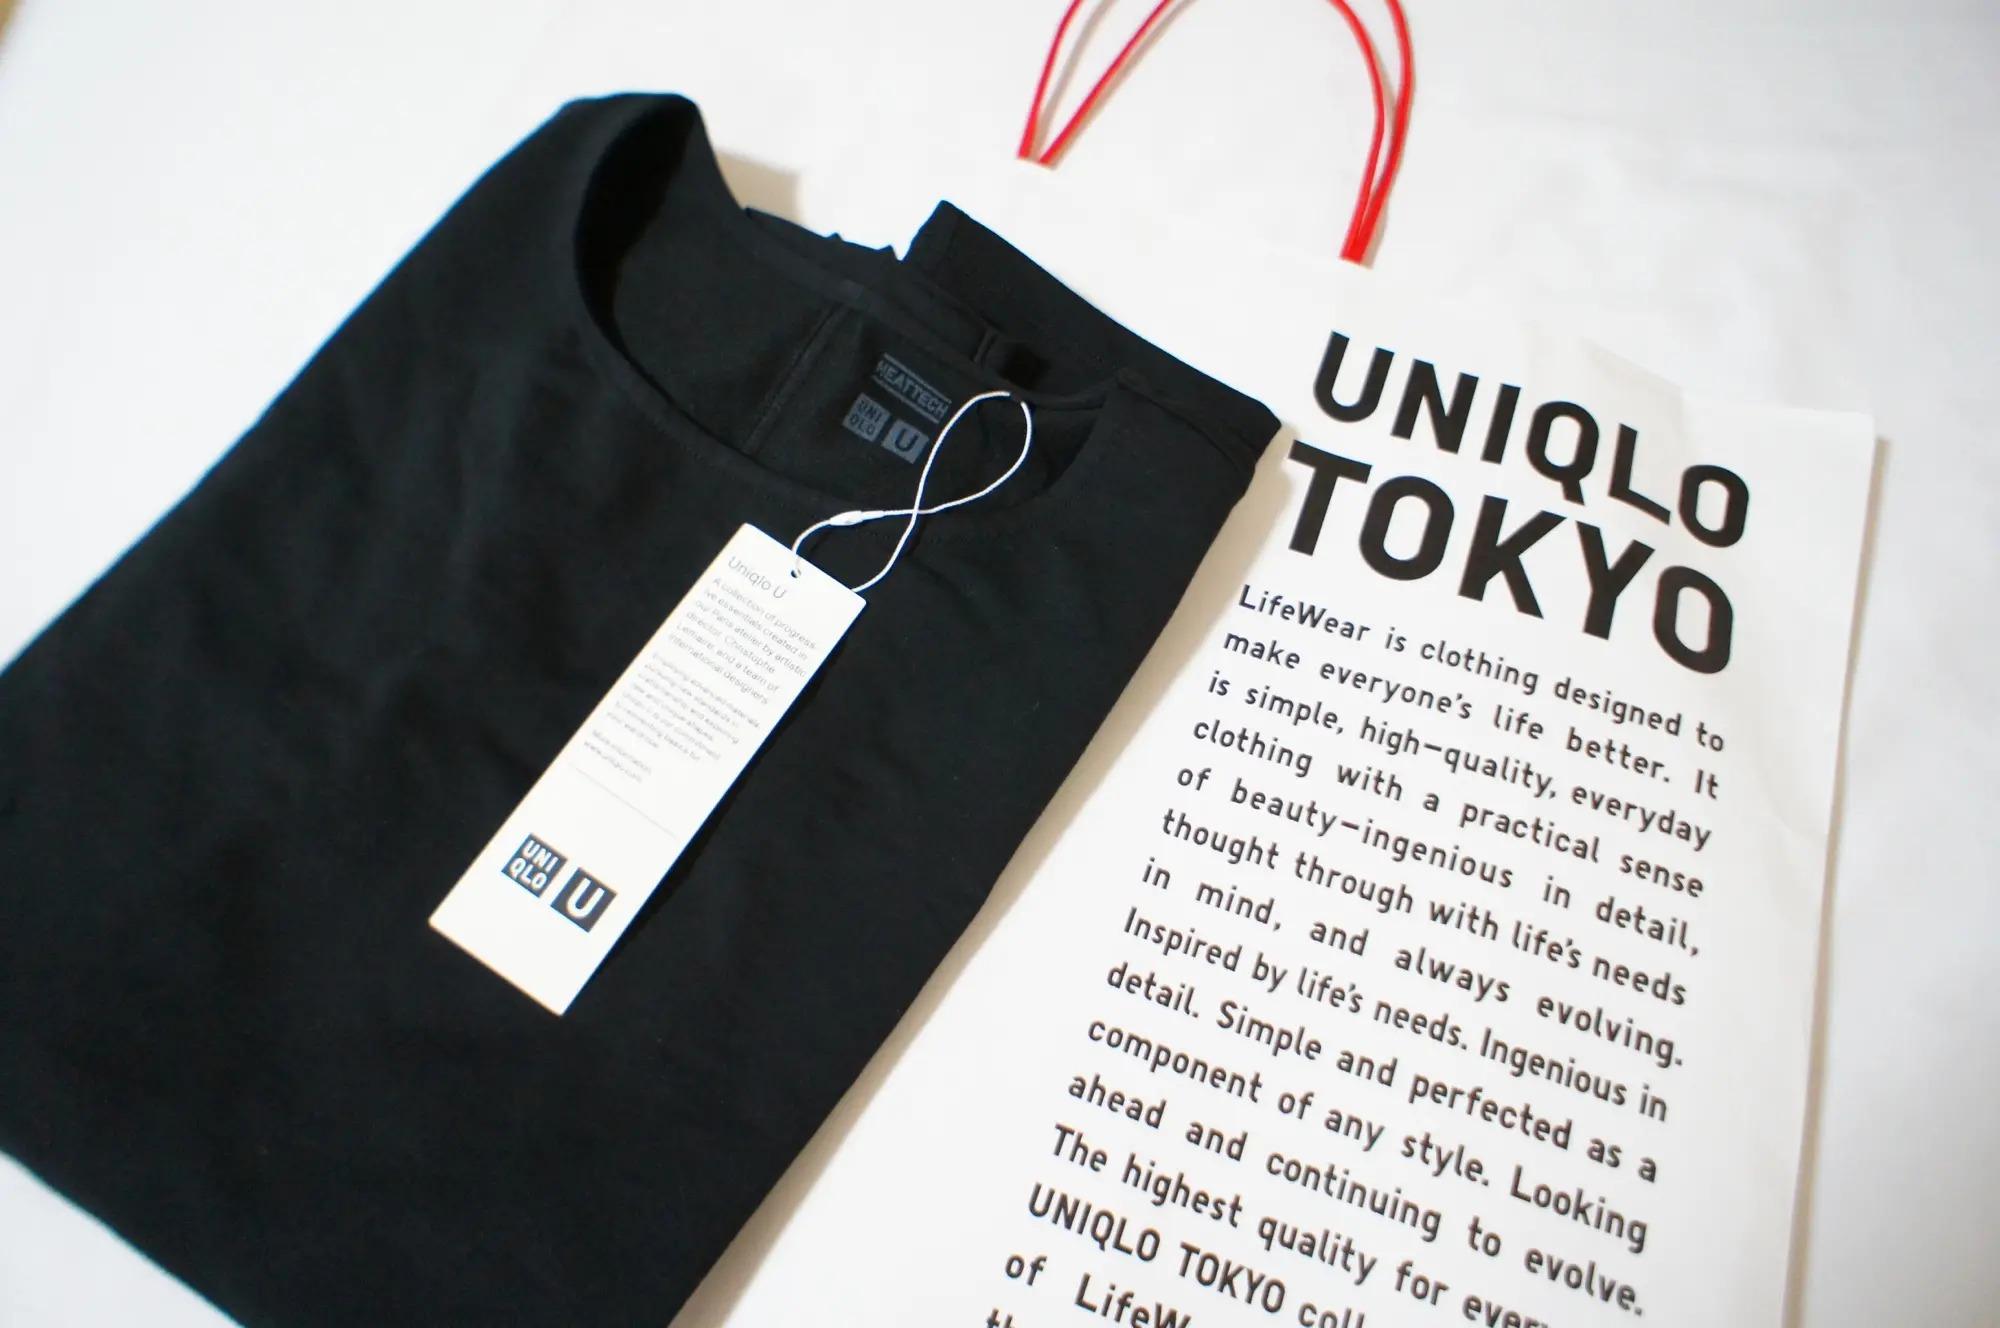 『ユニクロ ユー』初のヒートテックは1枚で着てもOK! 『GU』の高見えニットも【今週のMOREインフルエンサーズファッション人気ランキング】_3